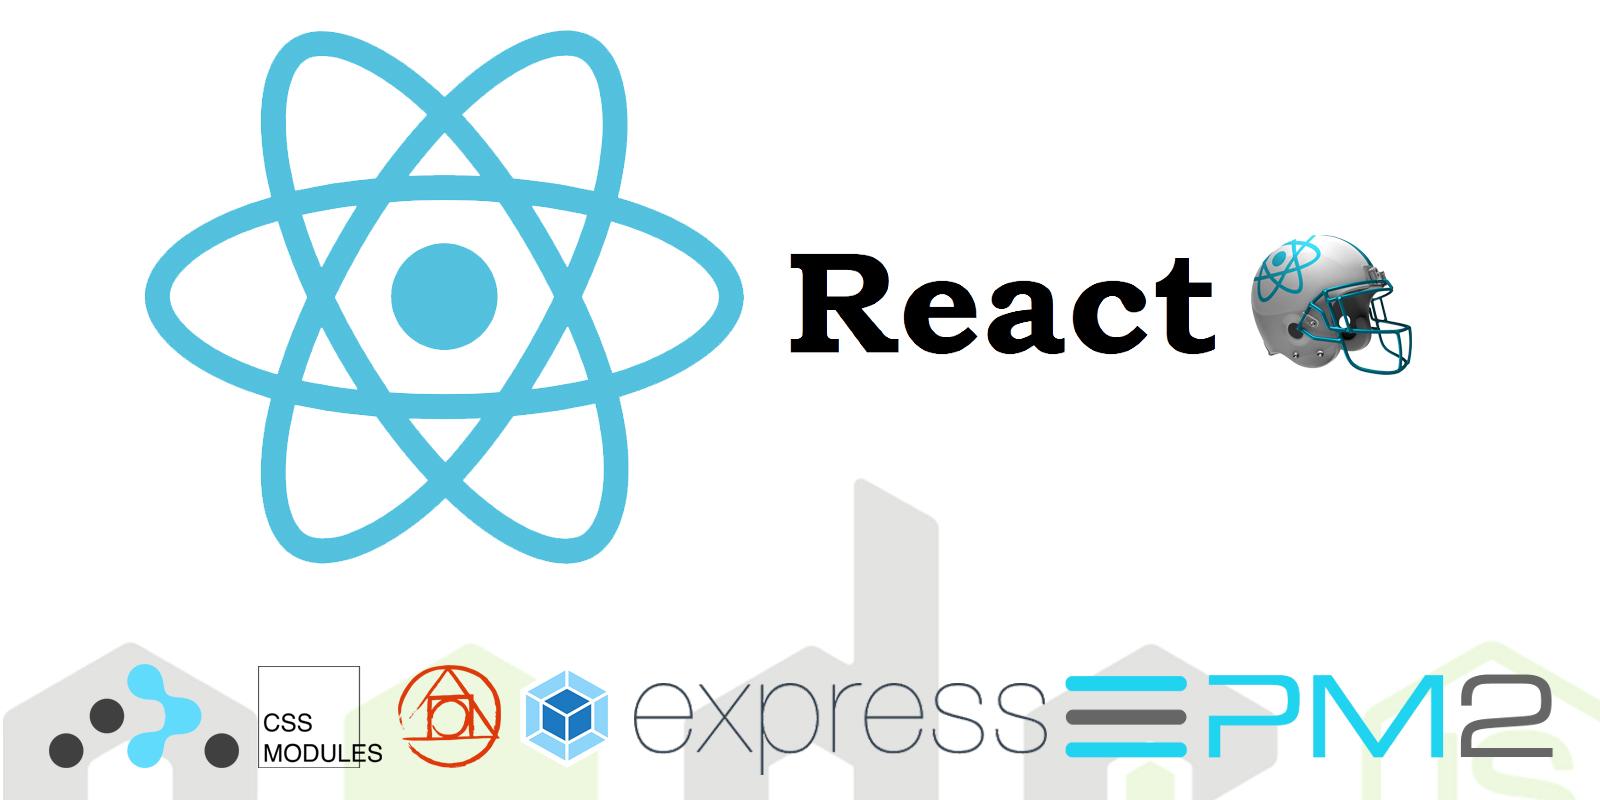 مثال کاملی از پیاده سازی یک برنامه وبی پایه بر React